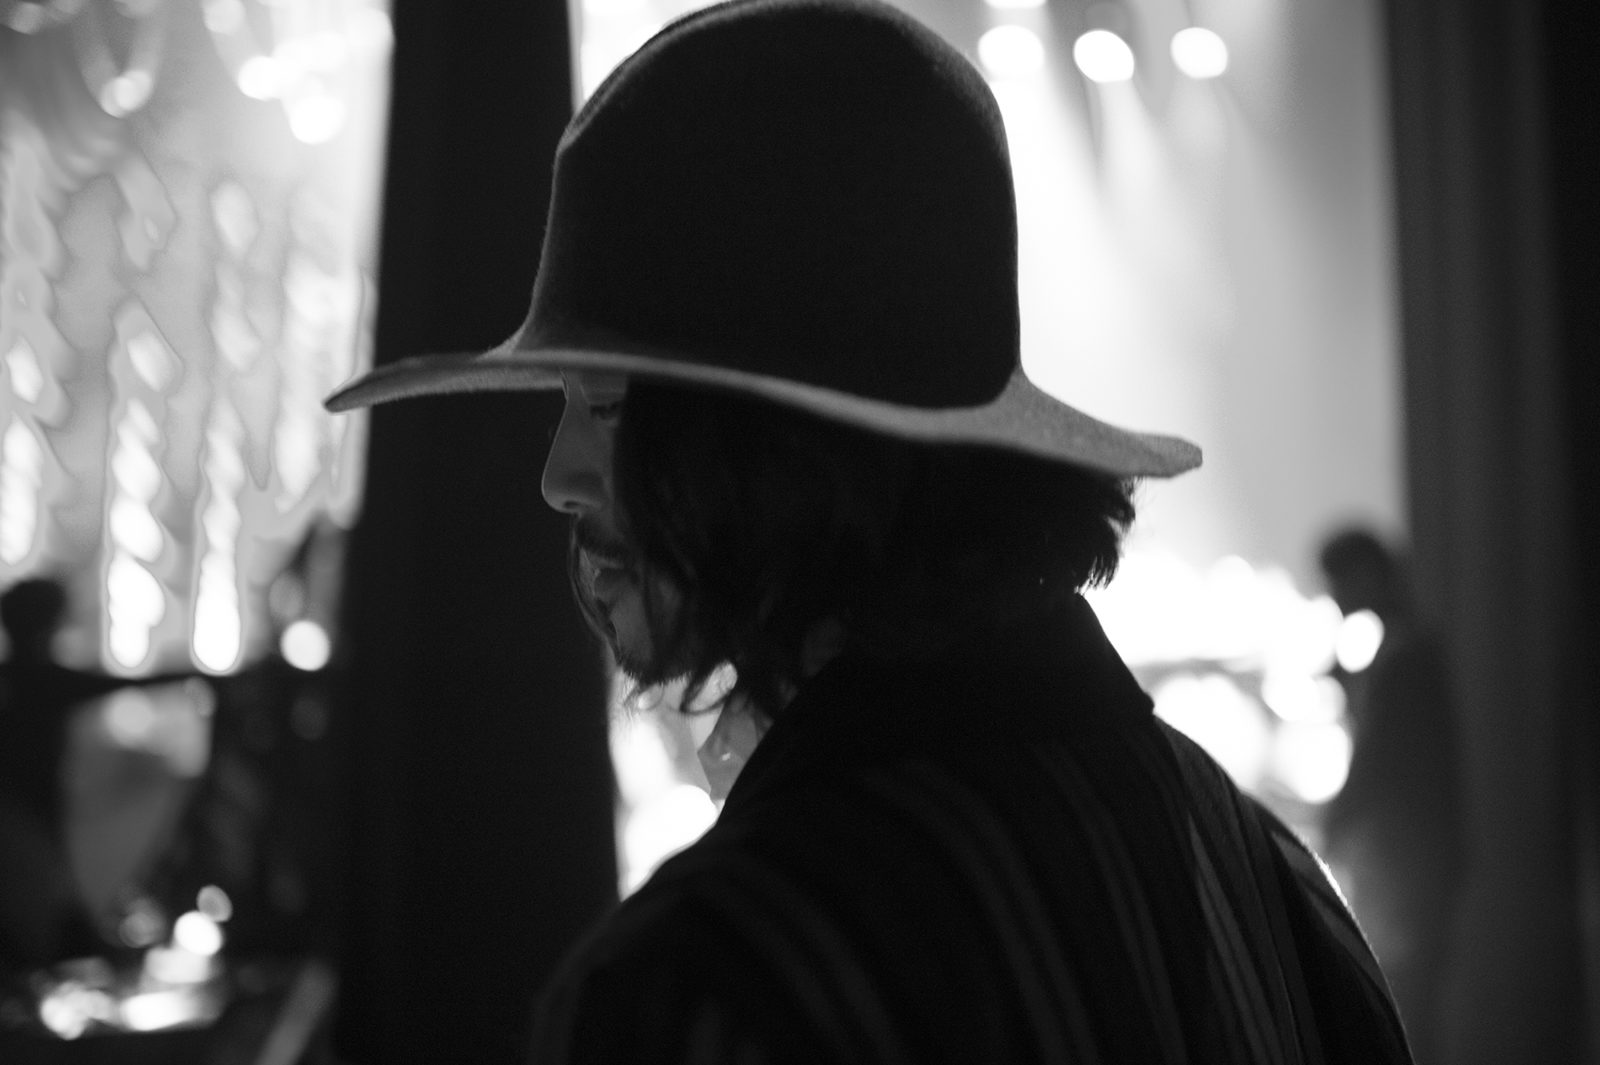 大橋トリオのデビュー10周年記念公演を独占生中継決定サムネイル画像